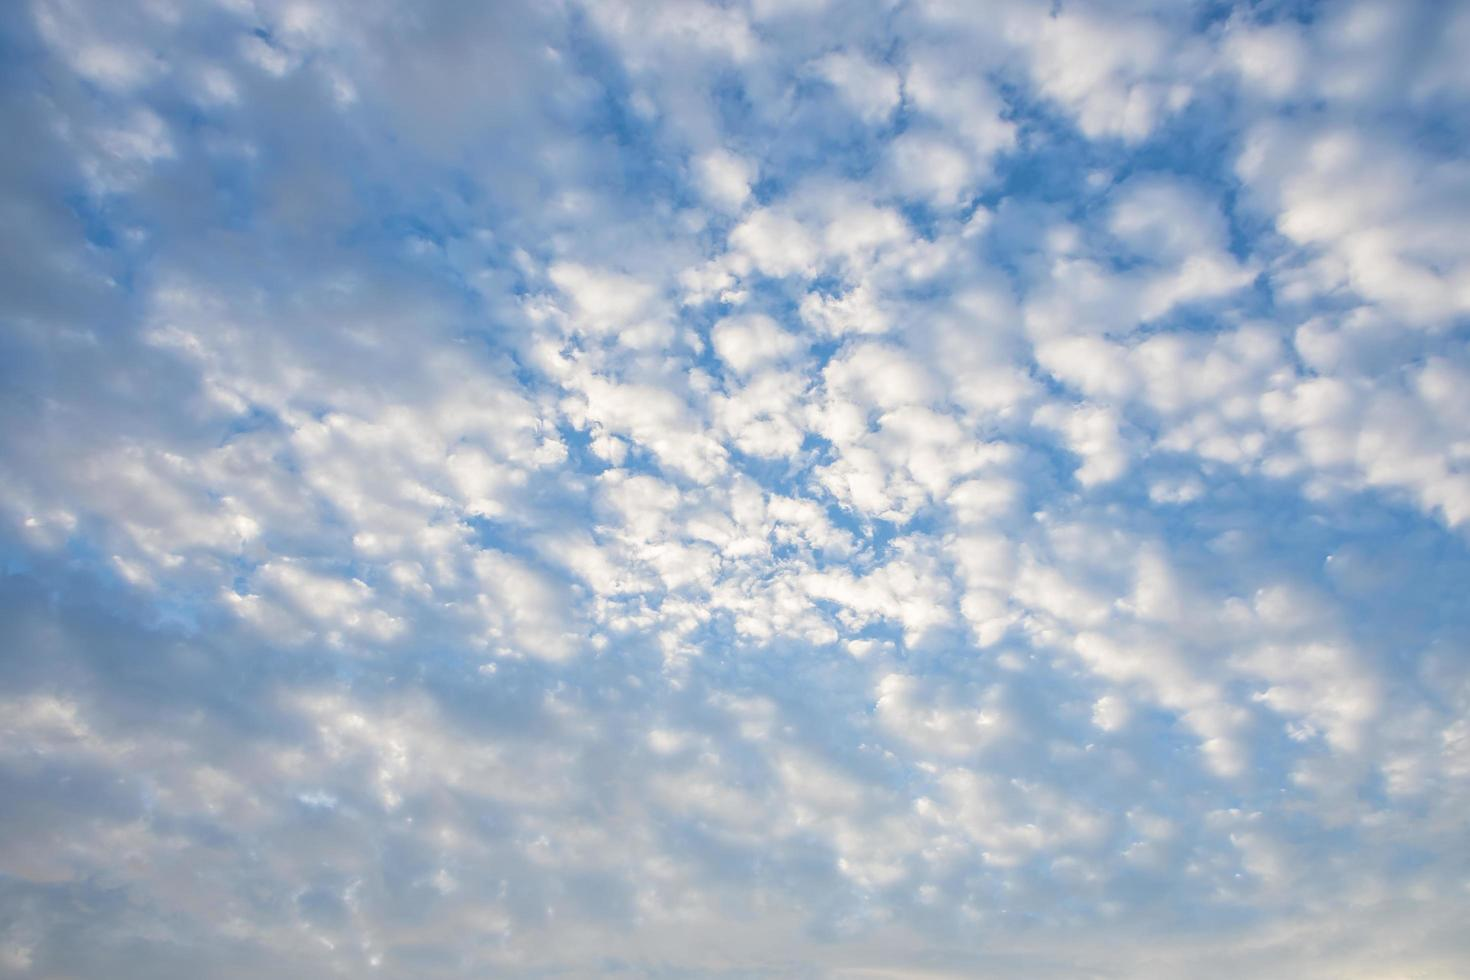 cielo blu con nuvole bianche foto